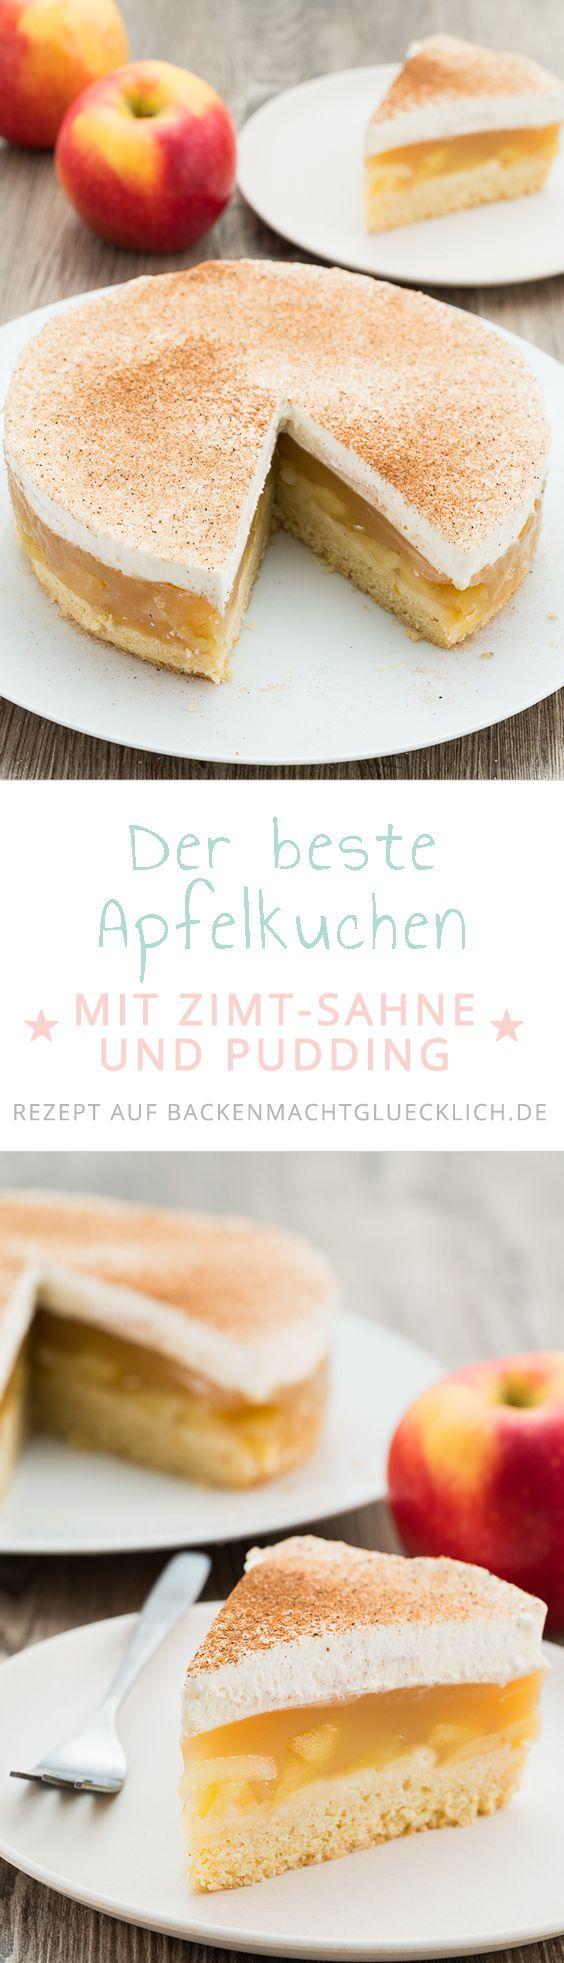 Photo of Apfeltorte mit Sahne und Zimt | Backen macht glücklich